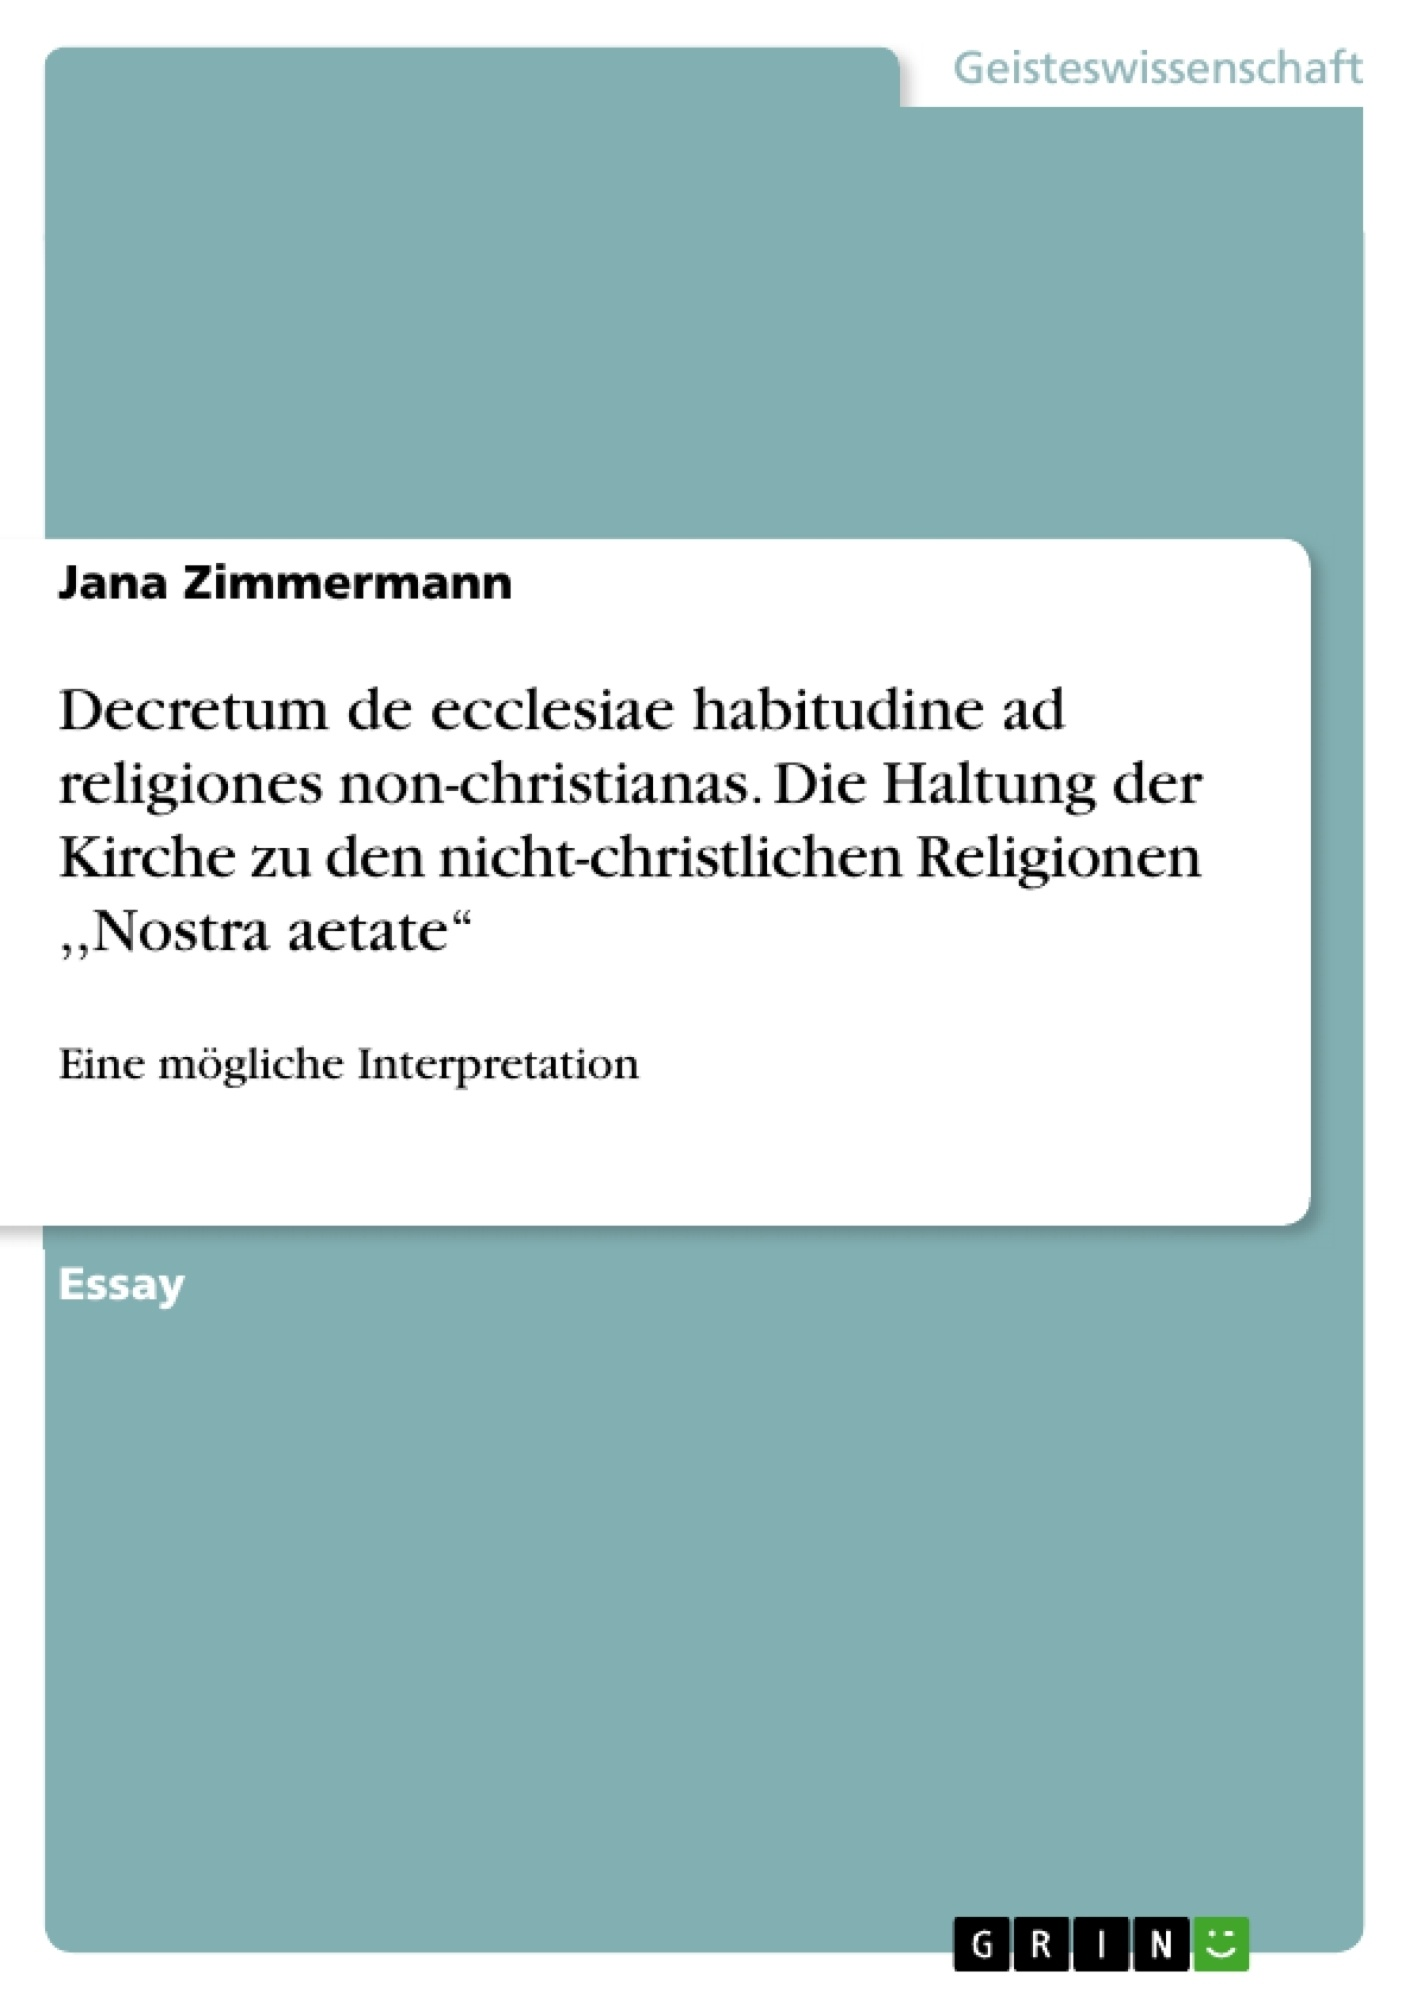 """Titel: Decretum de ecclesiae habitudine ad religiones non-christianas. Die Haltung der Kirche zu den nicht-christlichen Religionen ,,Nostra aetate"""""""